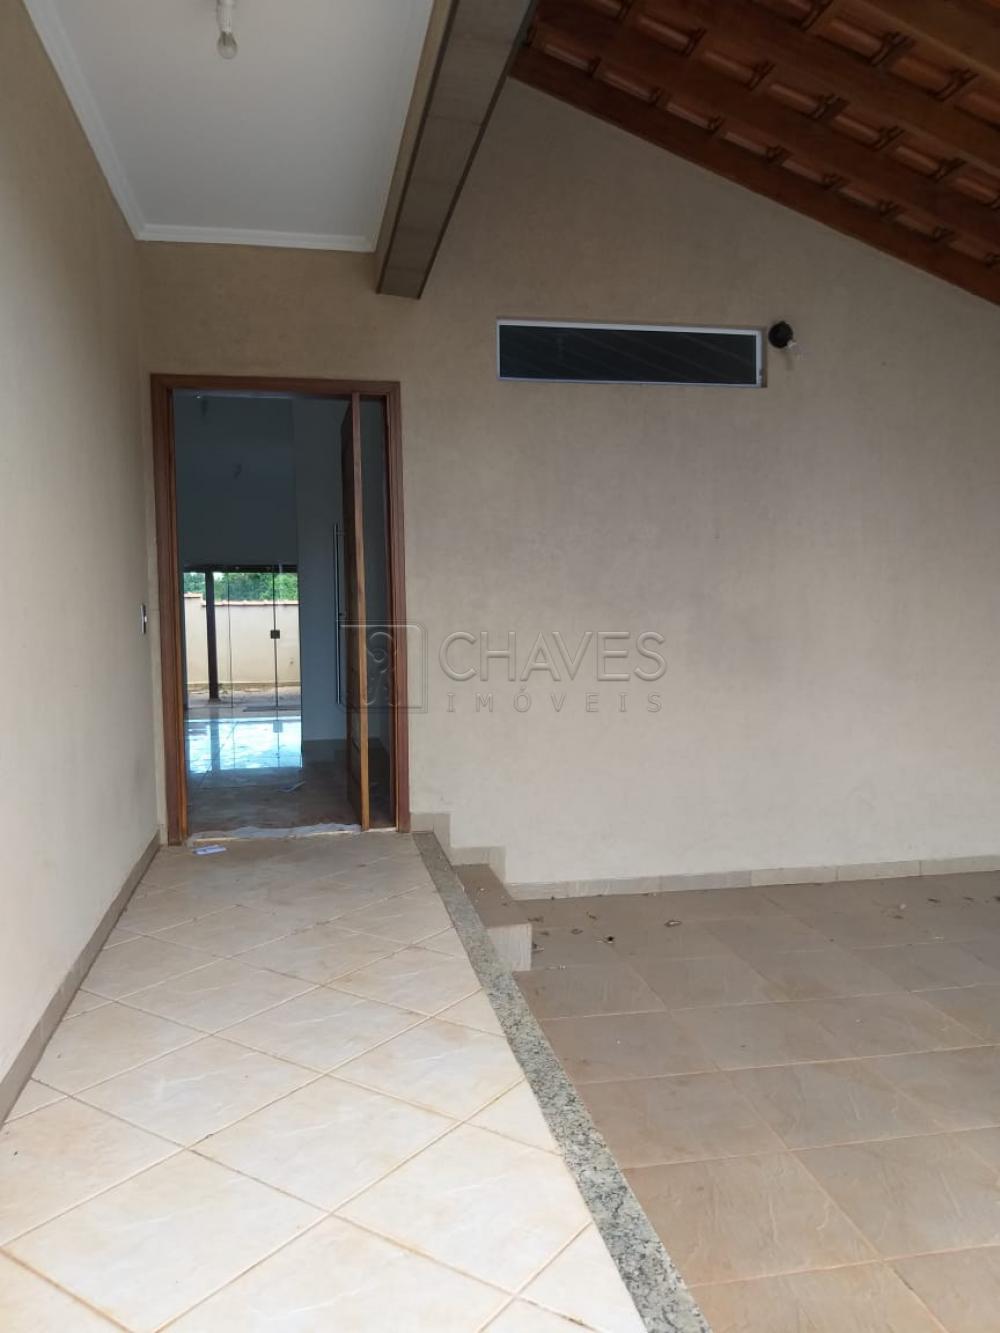 Comprar Casa / Condomínio em Bonfim Paulista apenas R$ 632.000,00 - Foto 4